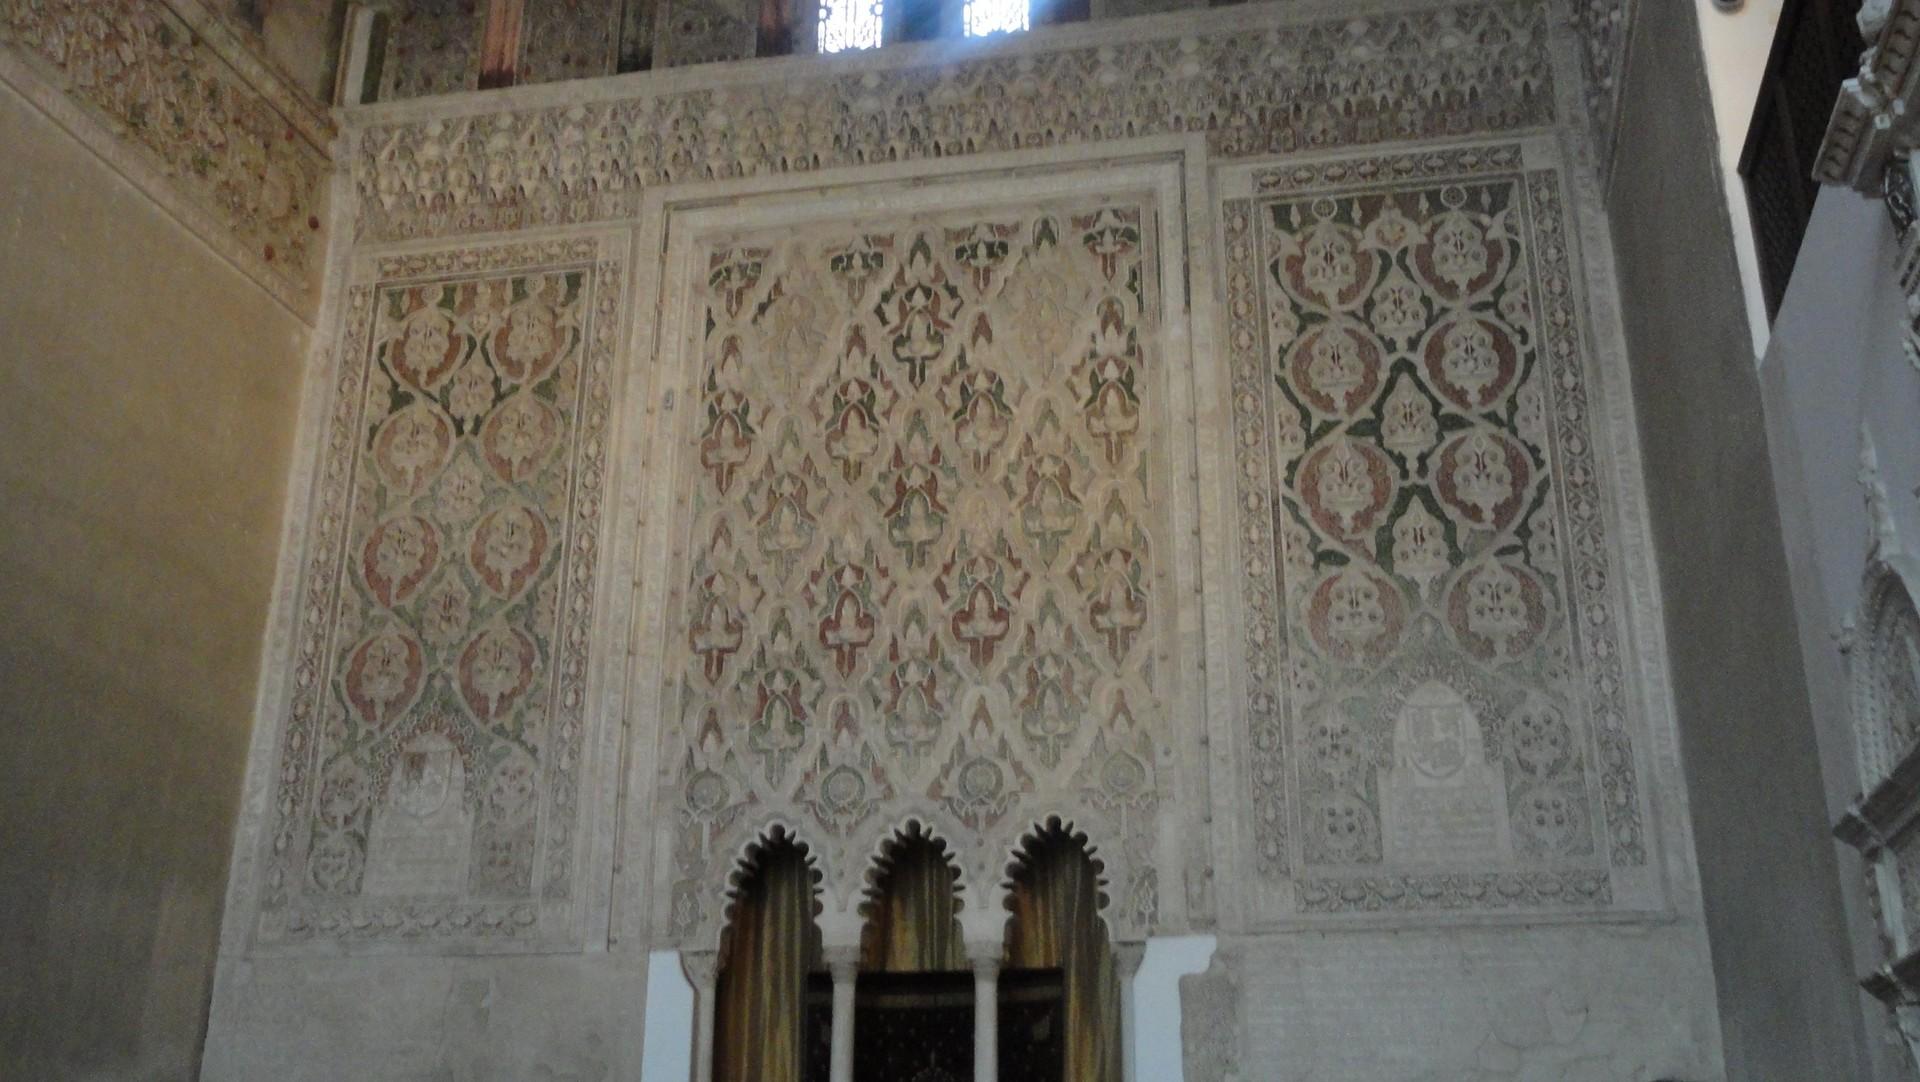 sinagoga-transito-museo-sefardi-8446b413